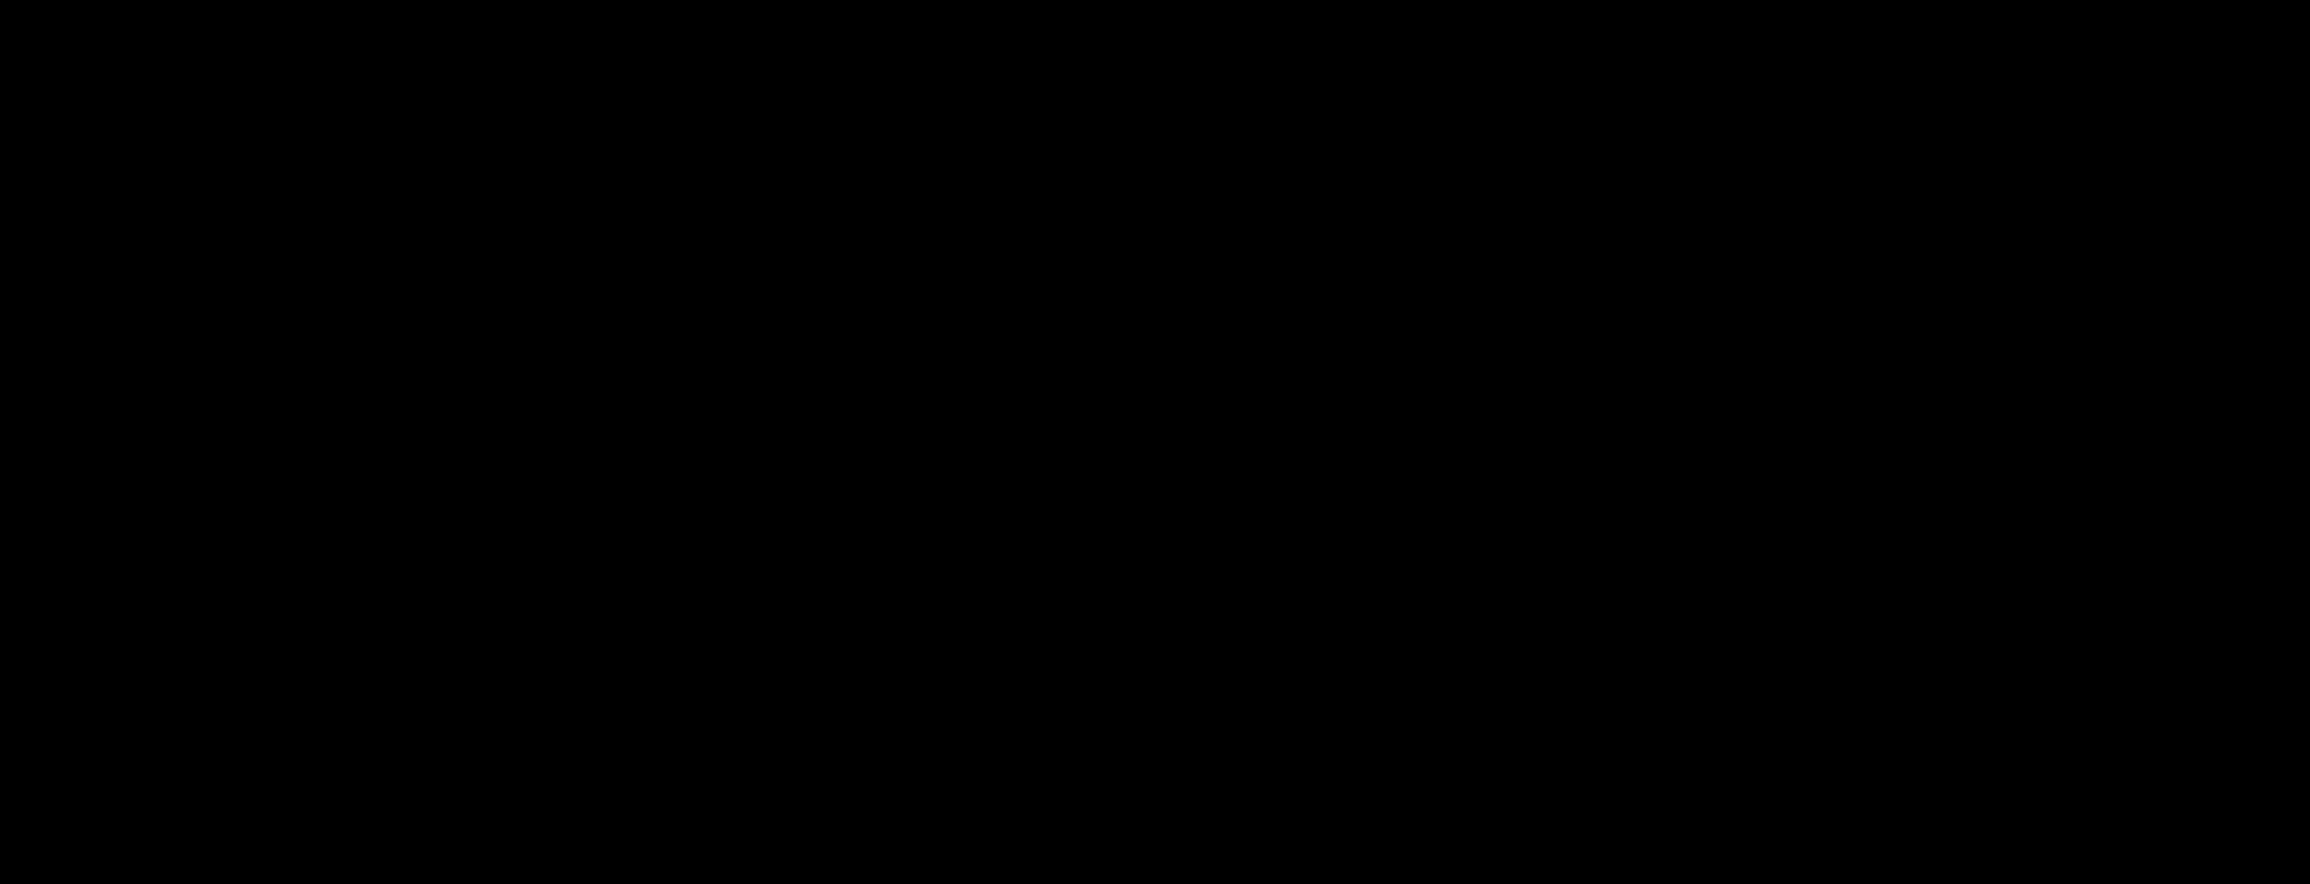 Tyrannosaurus Rex Skeleton Drawing